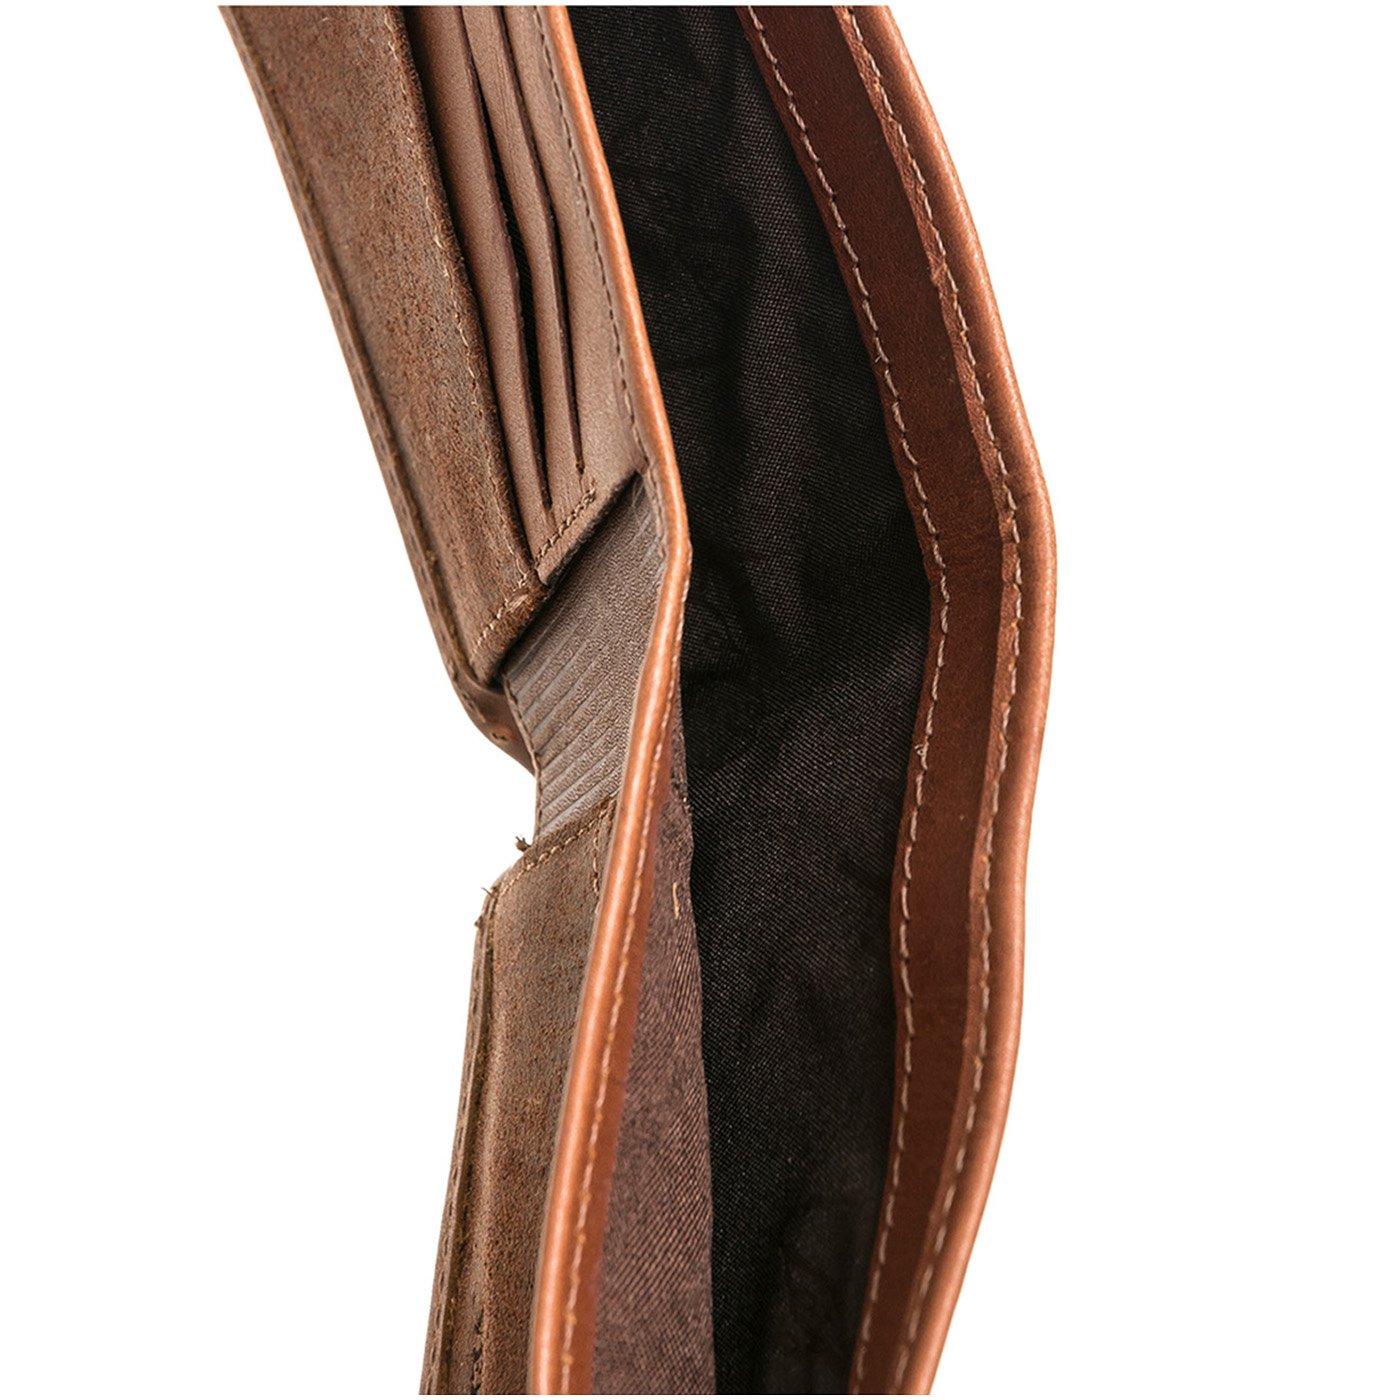 VELEZ Genuine Mens Soft Colombian Leather Bifold Wallet Carteras de Cuero Colombiano para Hombres